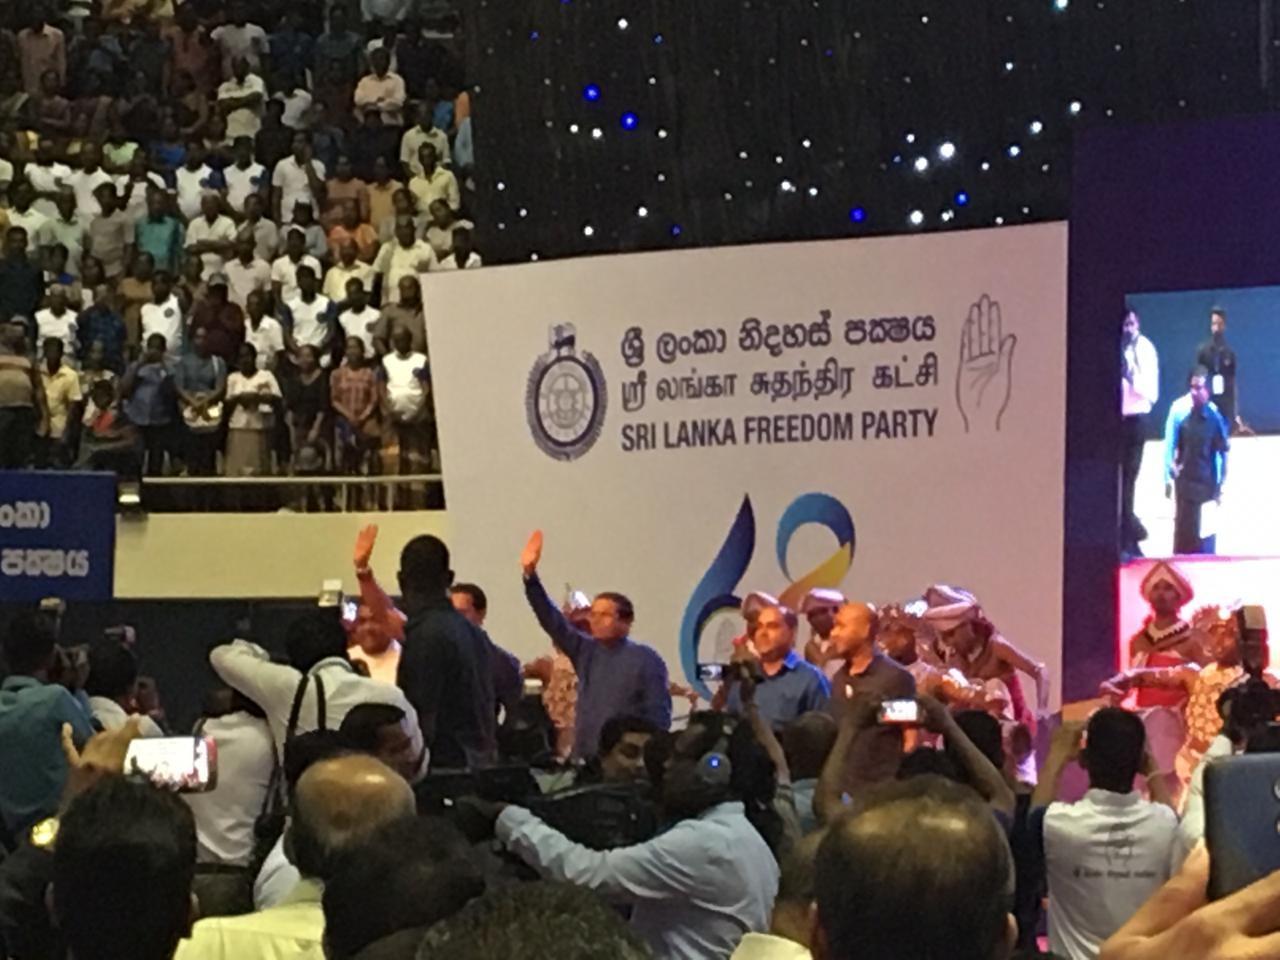 2020இல் சு.க ஆட்சியமைக்கும் : கட்சி மாநாட்டில் ஜனாதிபதி